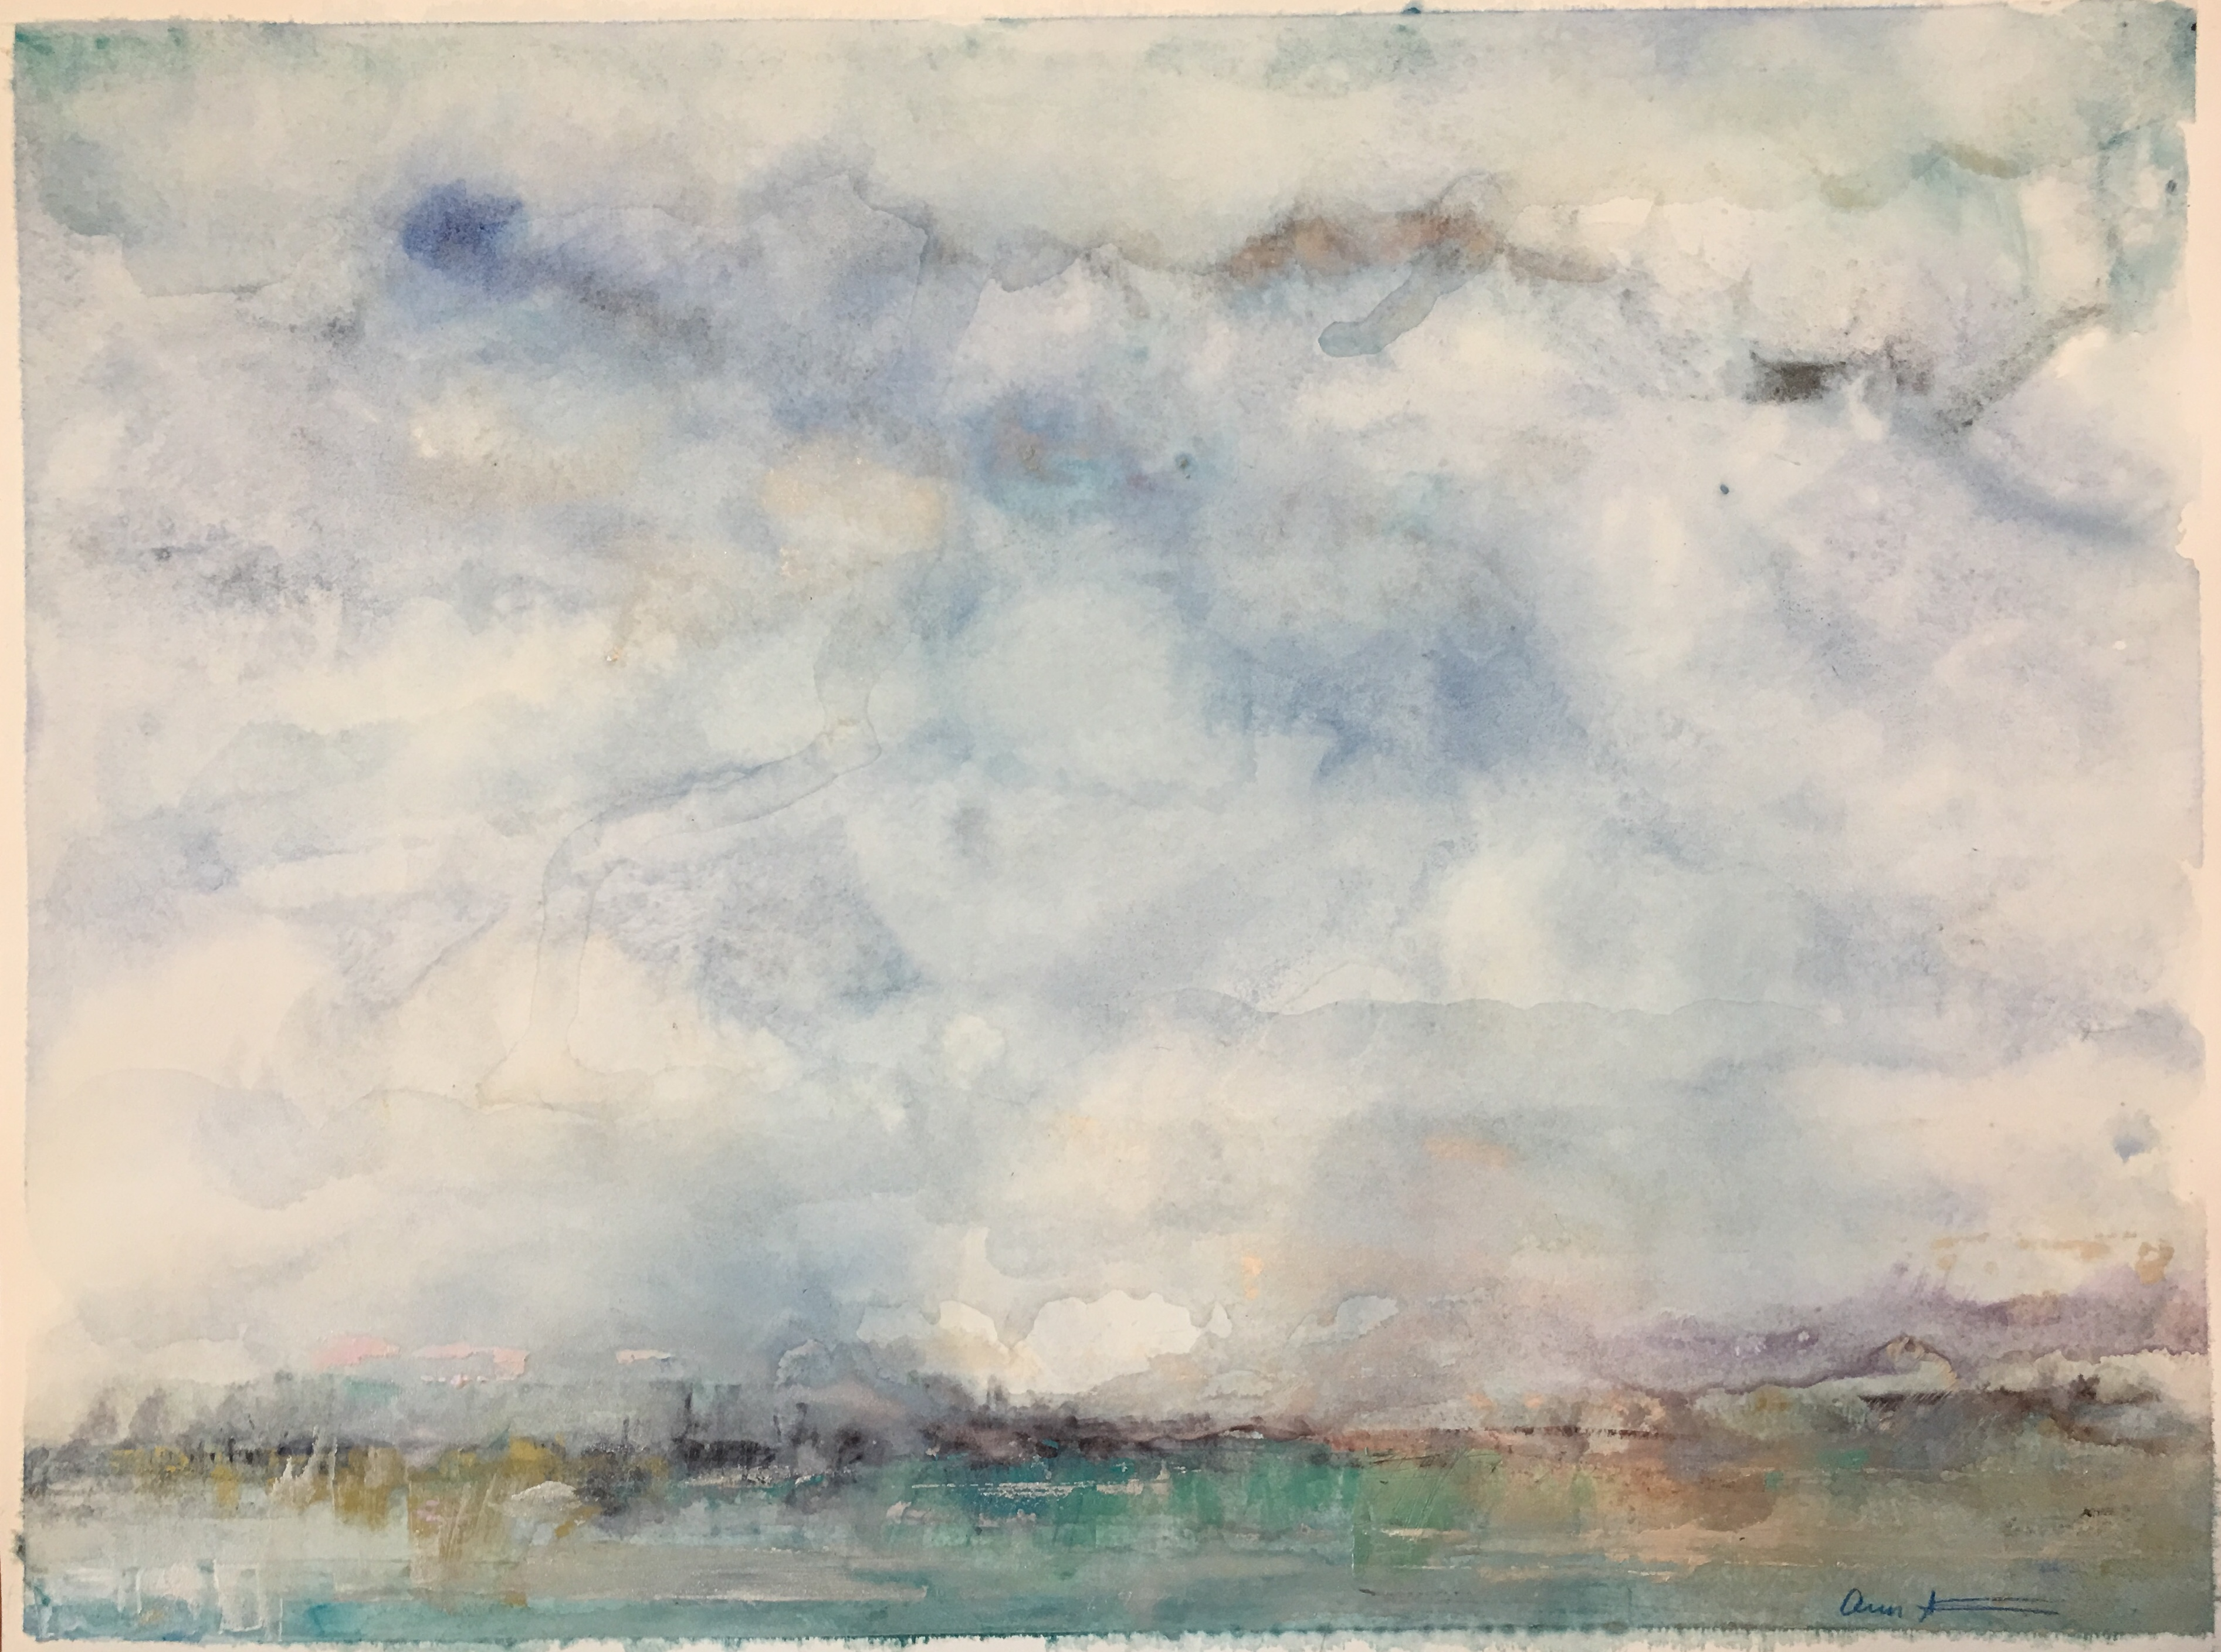 Distance by Ann Stretton